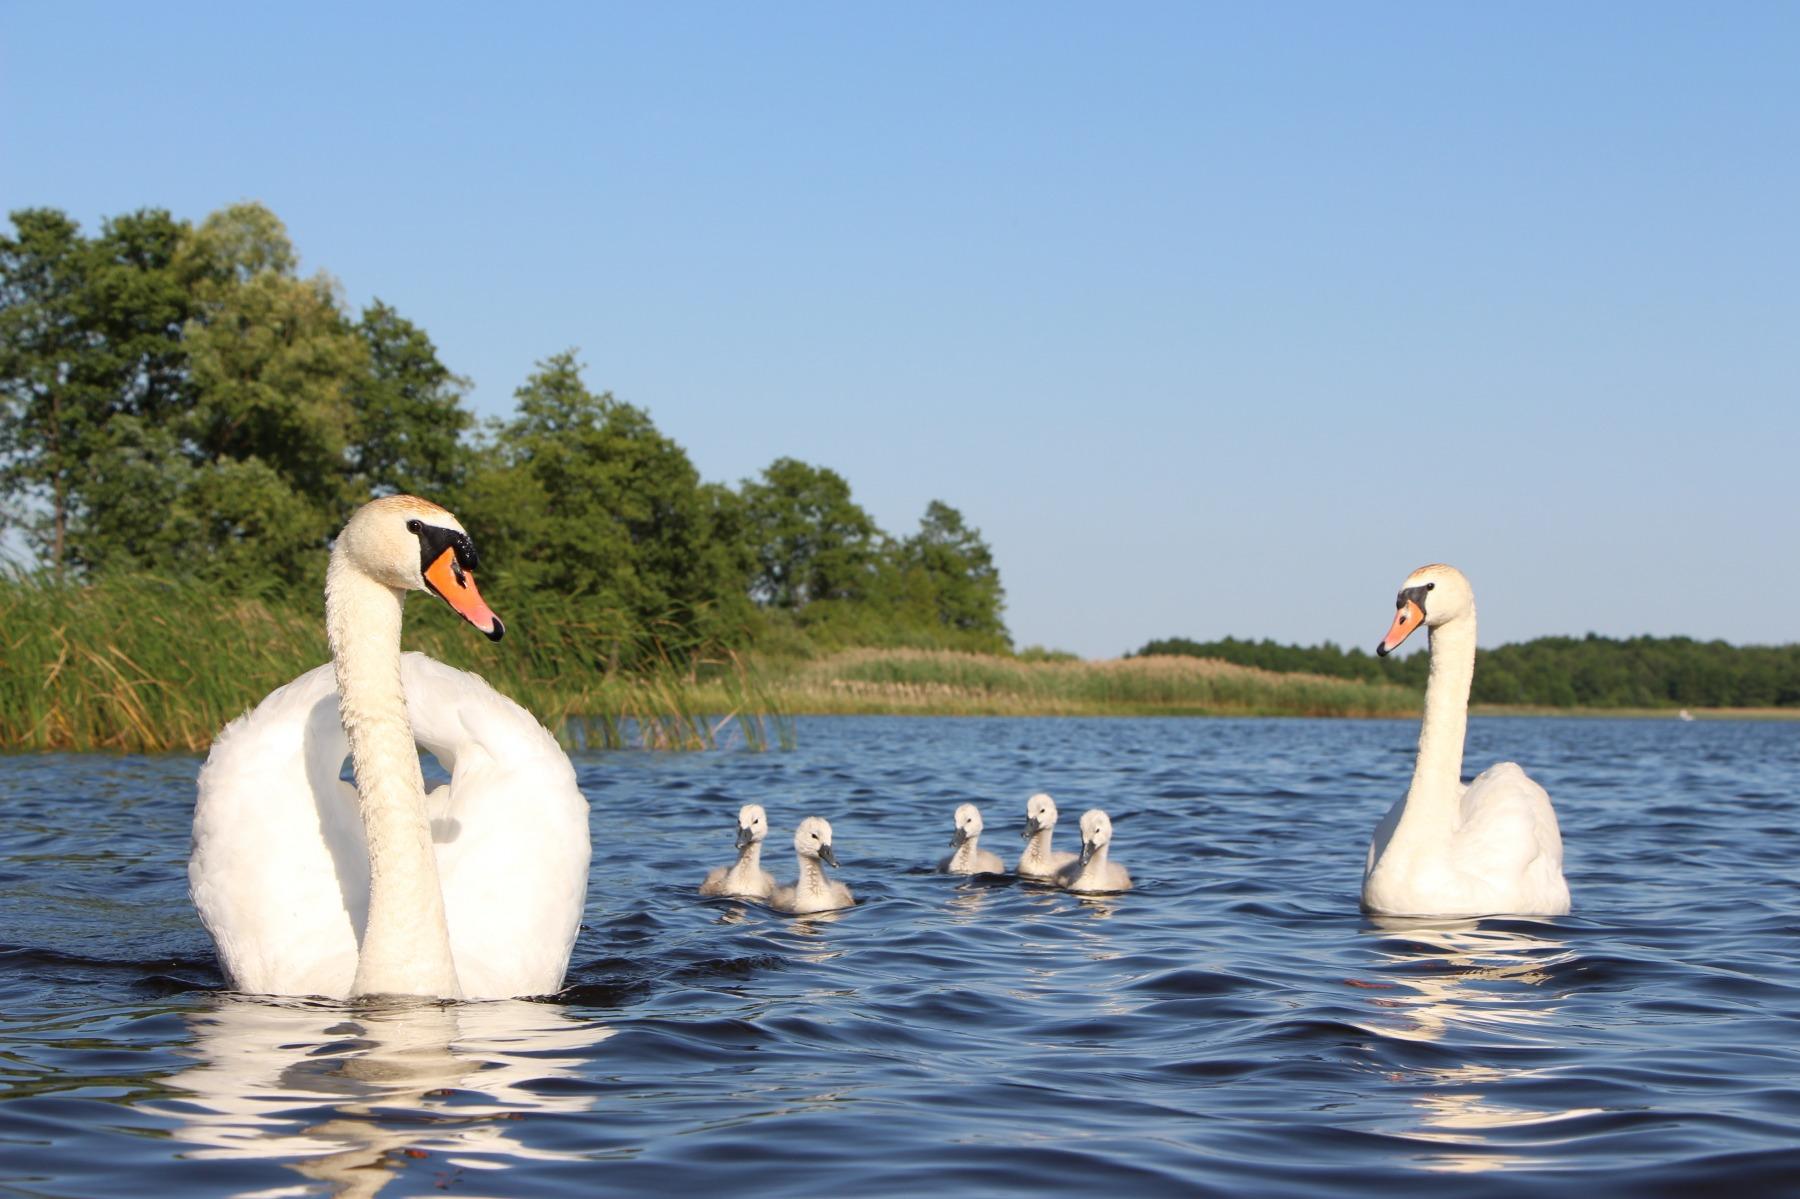 Лебеди на реке картинка